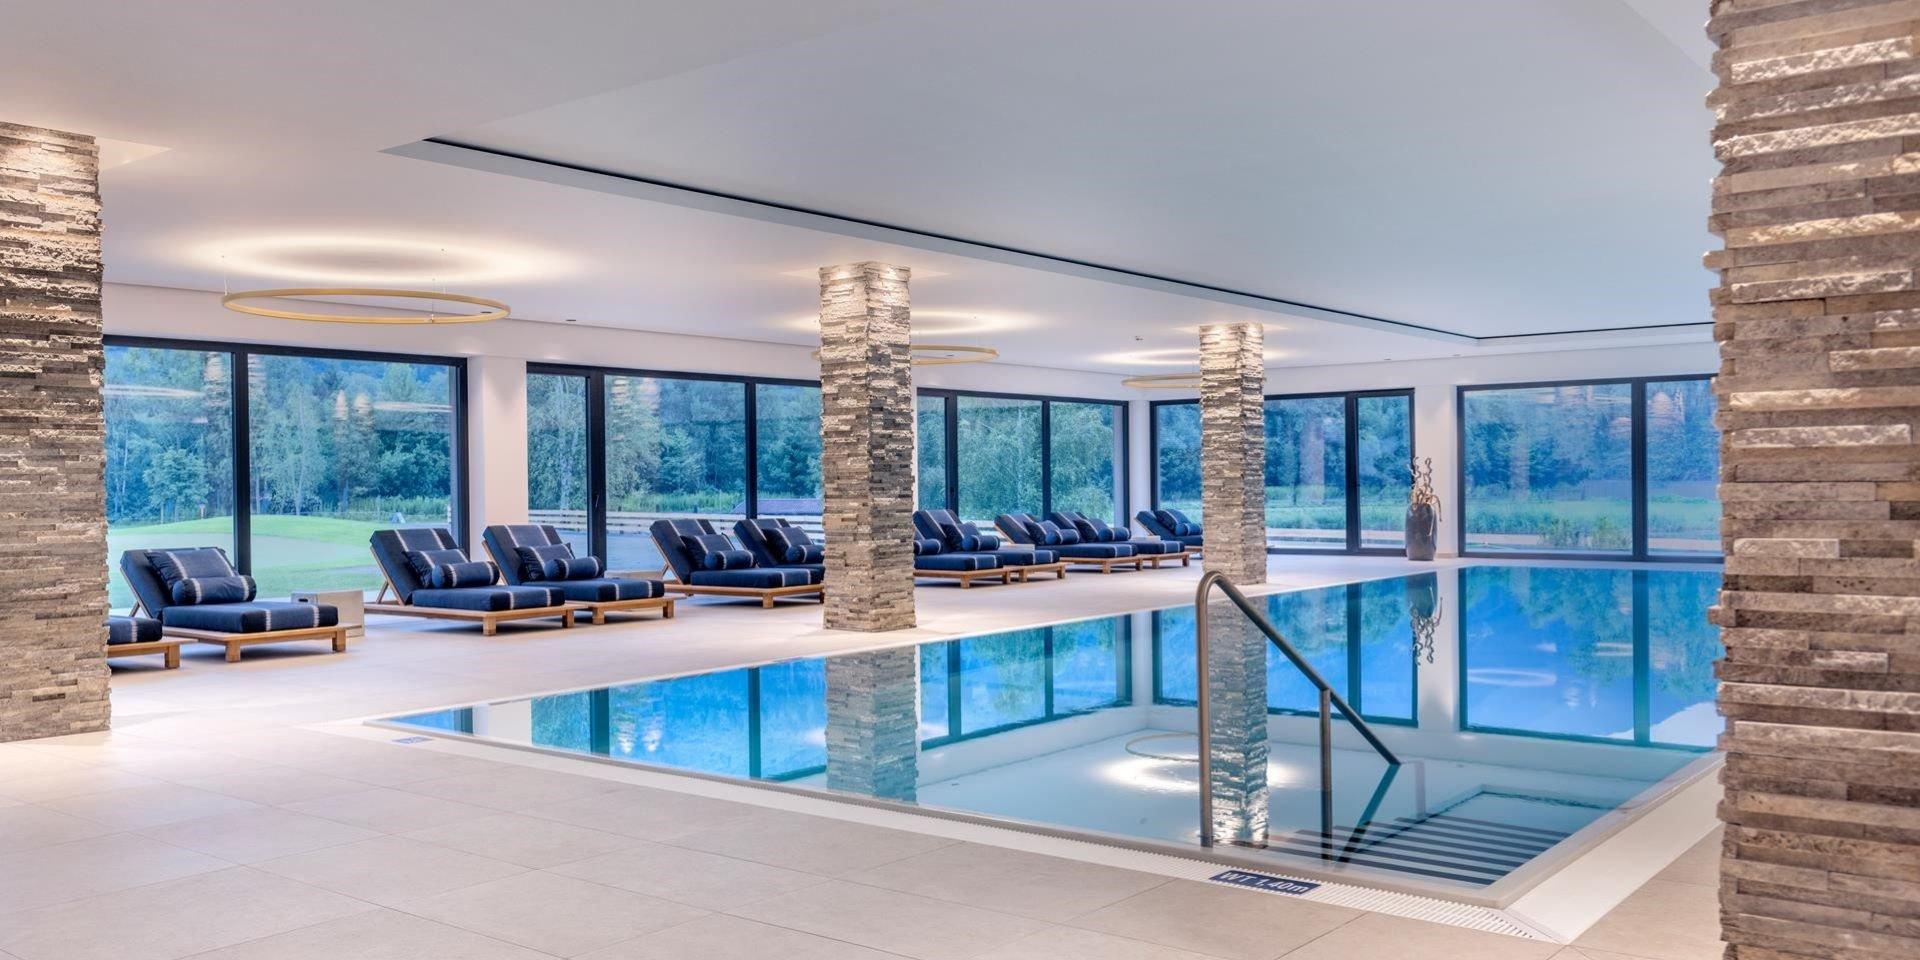 Indoor Pool Dolomitengolf Suites Lavant ausgekleidet durch Steuler Pool Linings BEKAPOOL